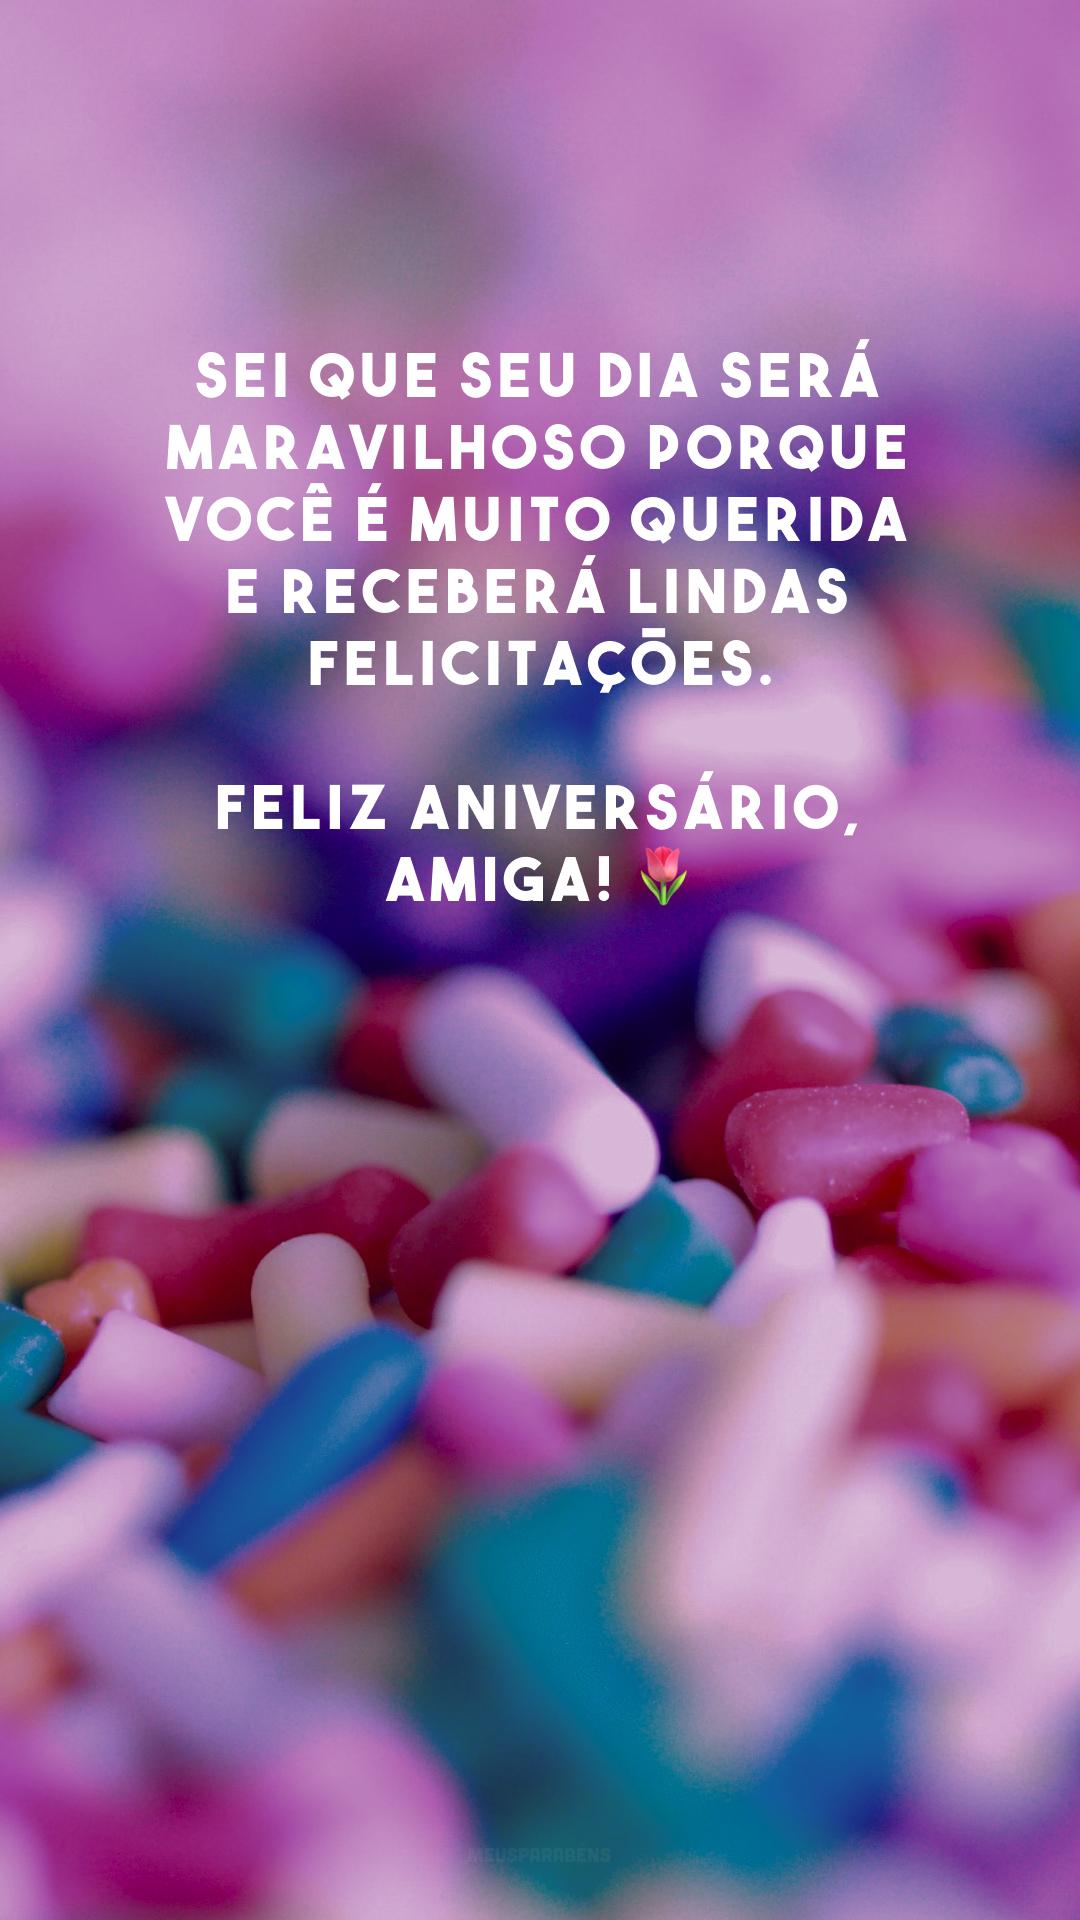 Sei que seu dia será maravilhoso porque você é muito querida e receberá lindas felicitações. Feliz aniversário, amiga! 🌷